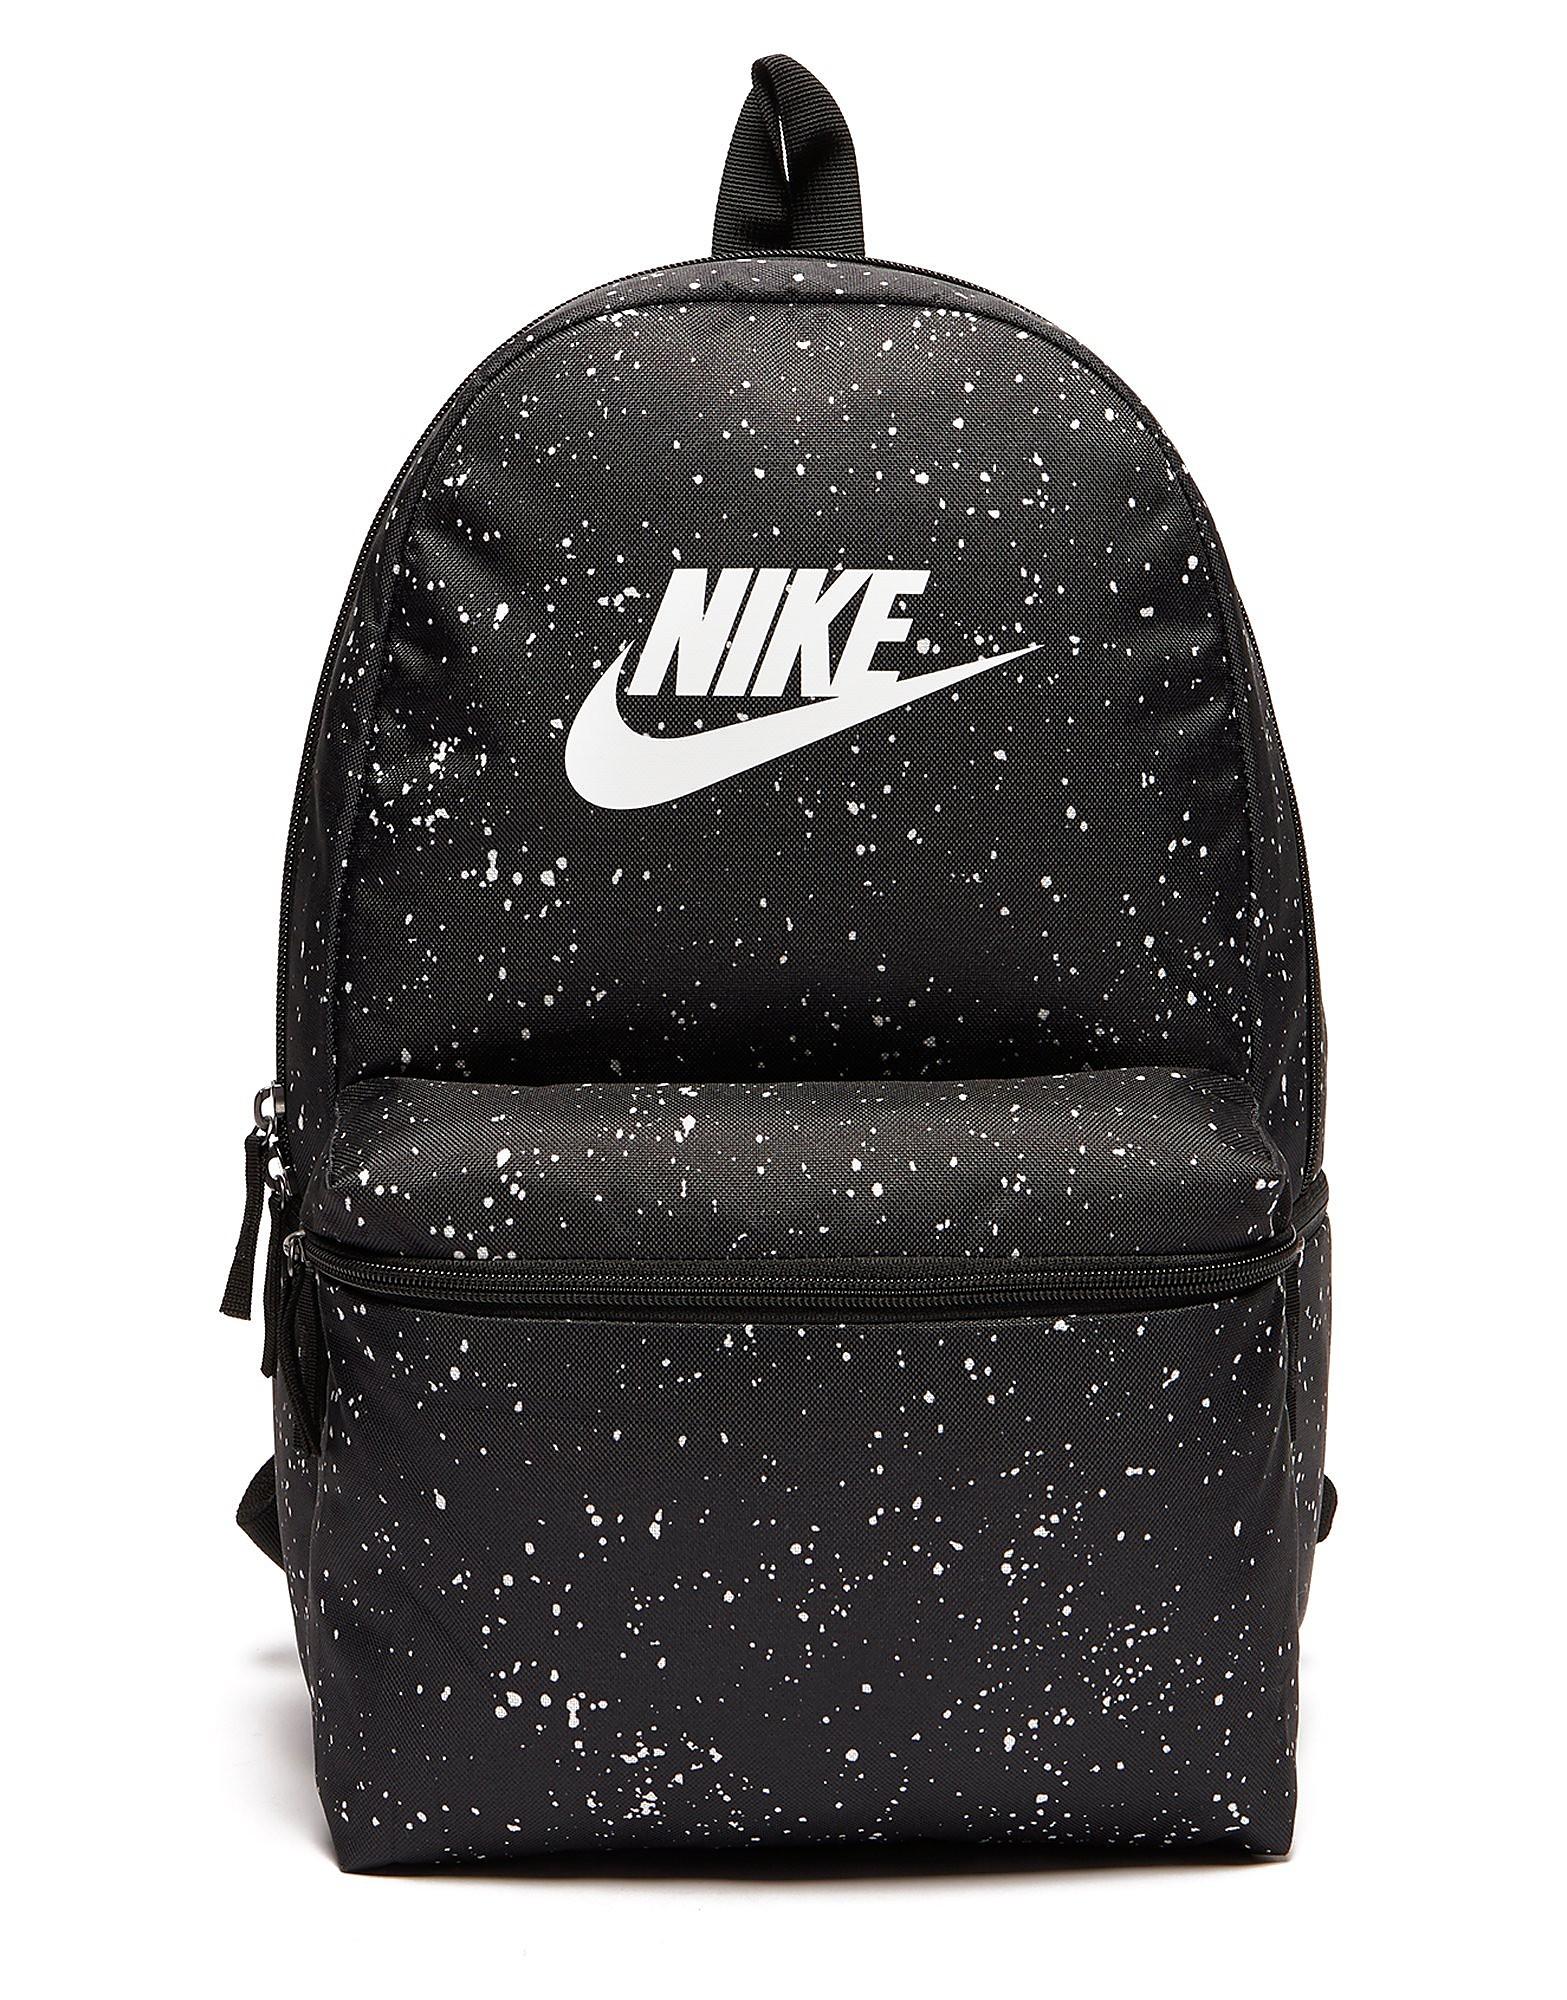 Nike mochila Futura Speckle